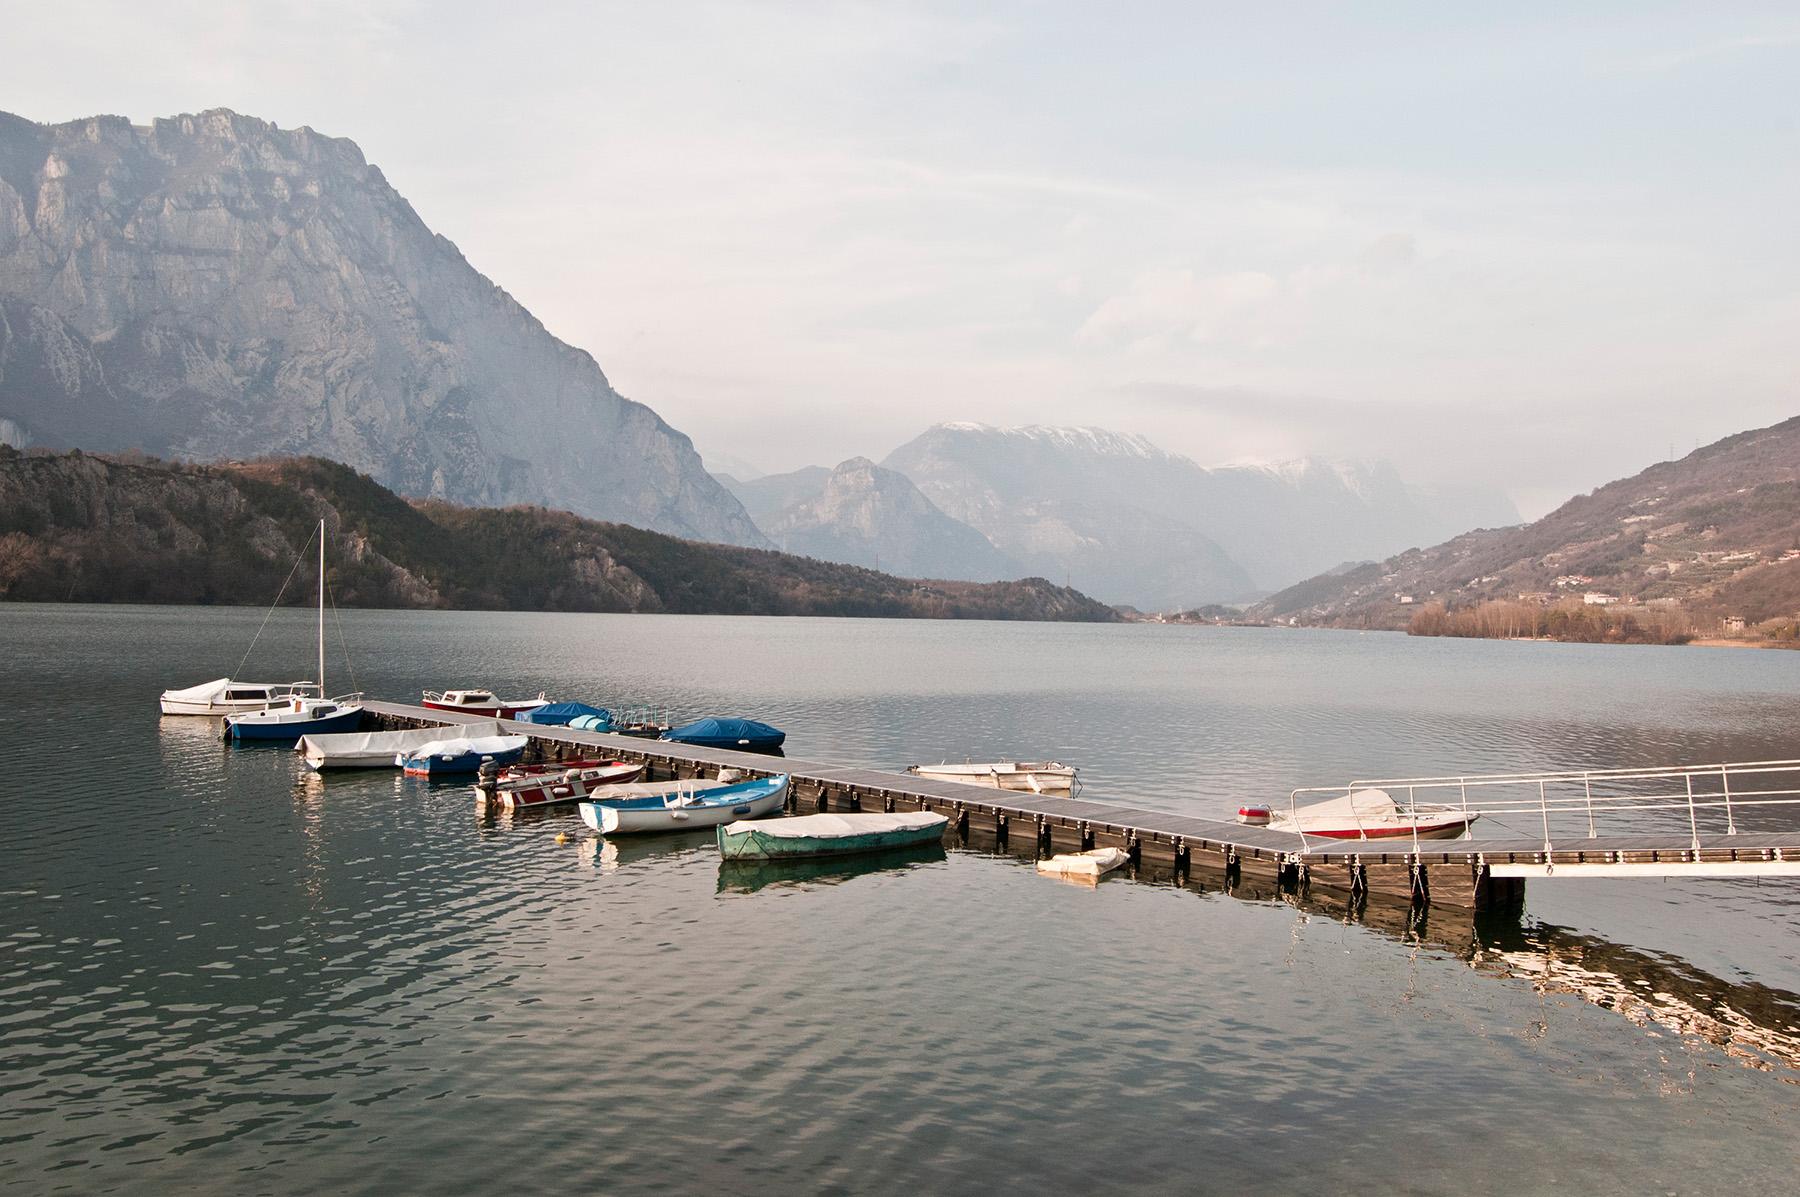 Pontile del lago